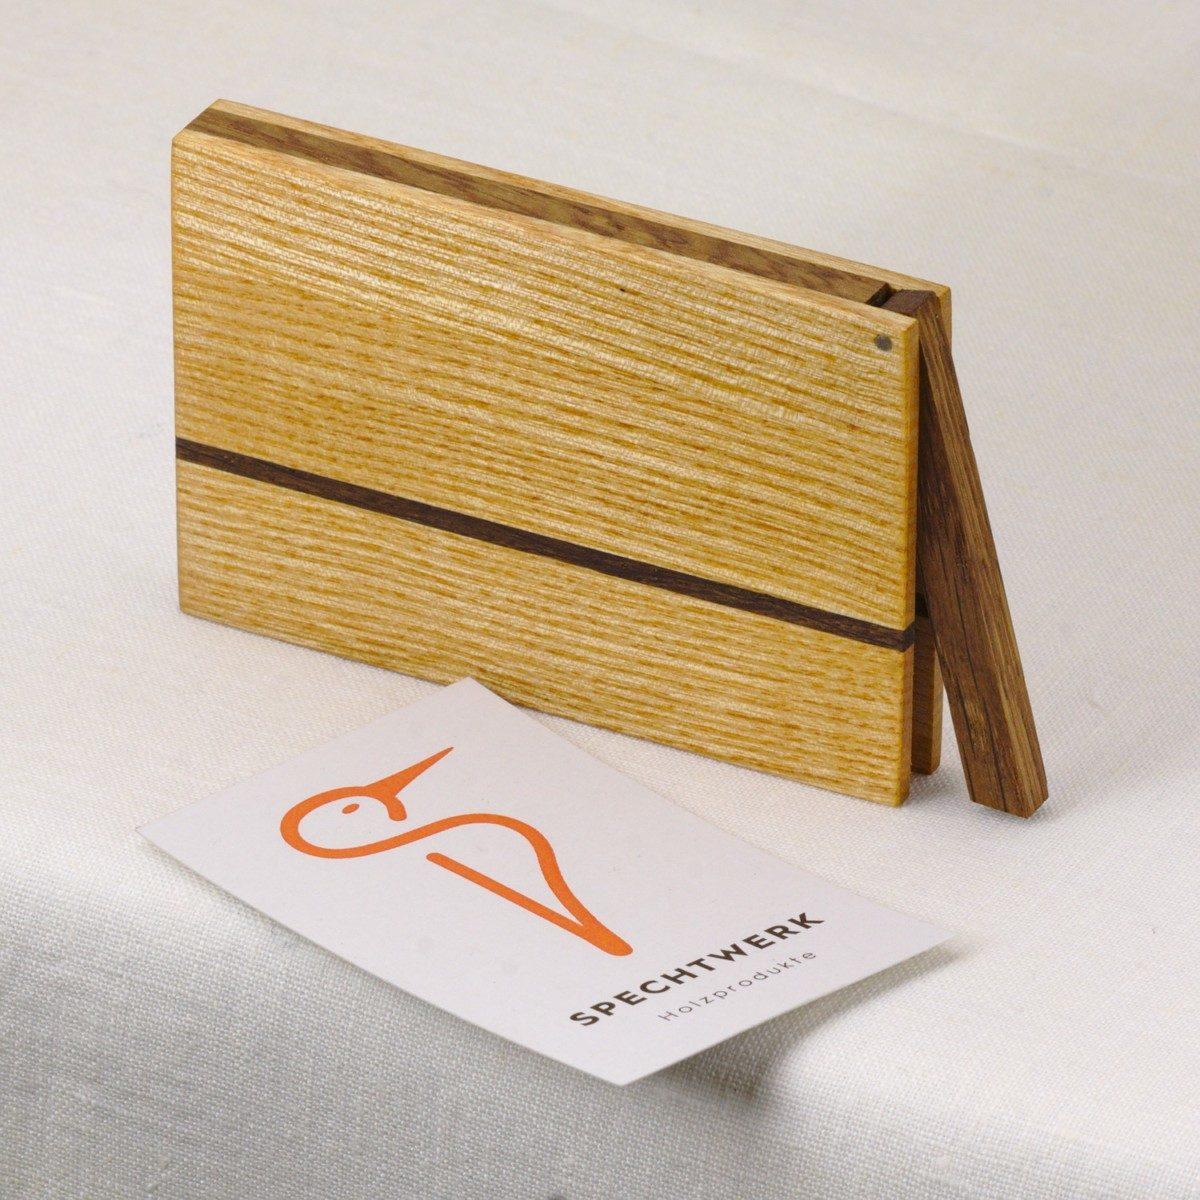 Visitenkartenetui Modell »Sophie« aus Eiche und Eschen Holz. 100% einheimische Holzarzen. Handgefertigt in Deutschland. Kantige Form für Kartengroesse 55x85mm und 55x90m.